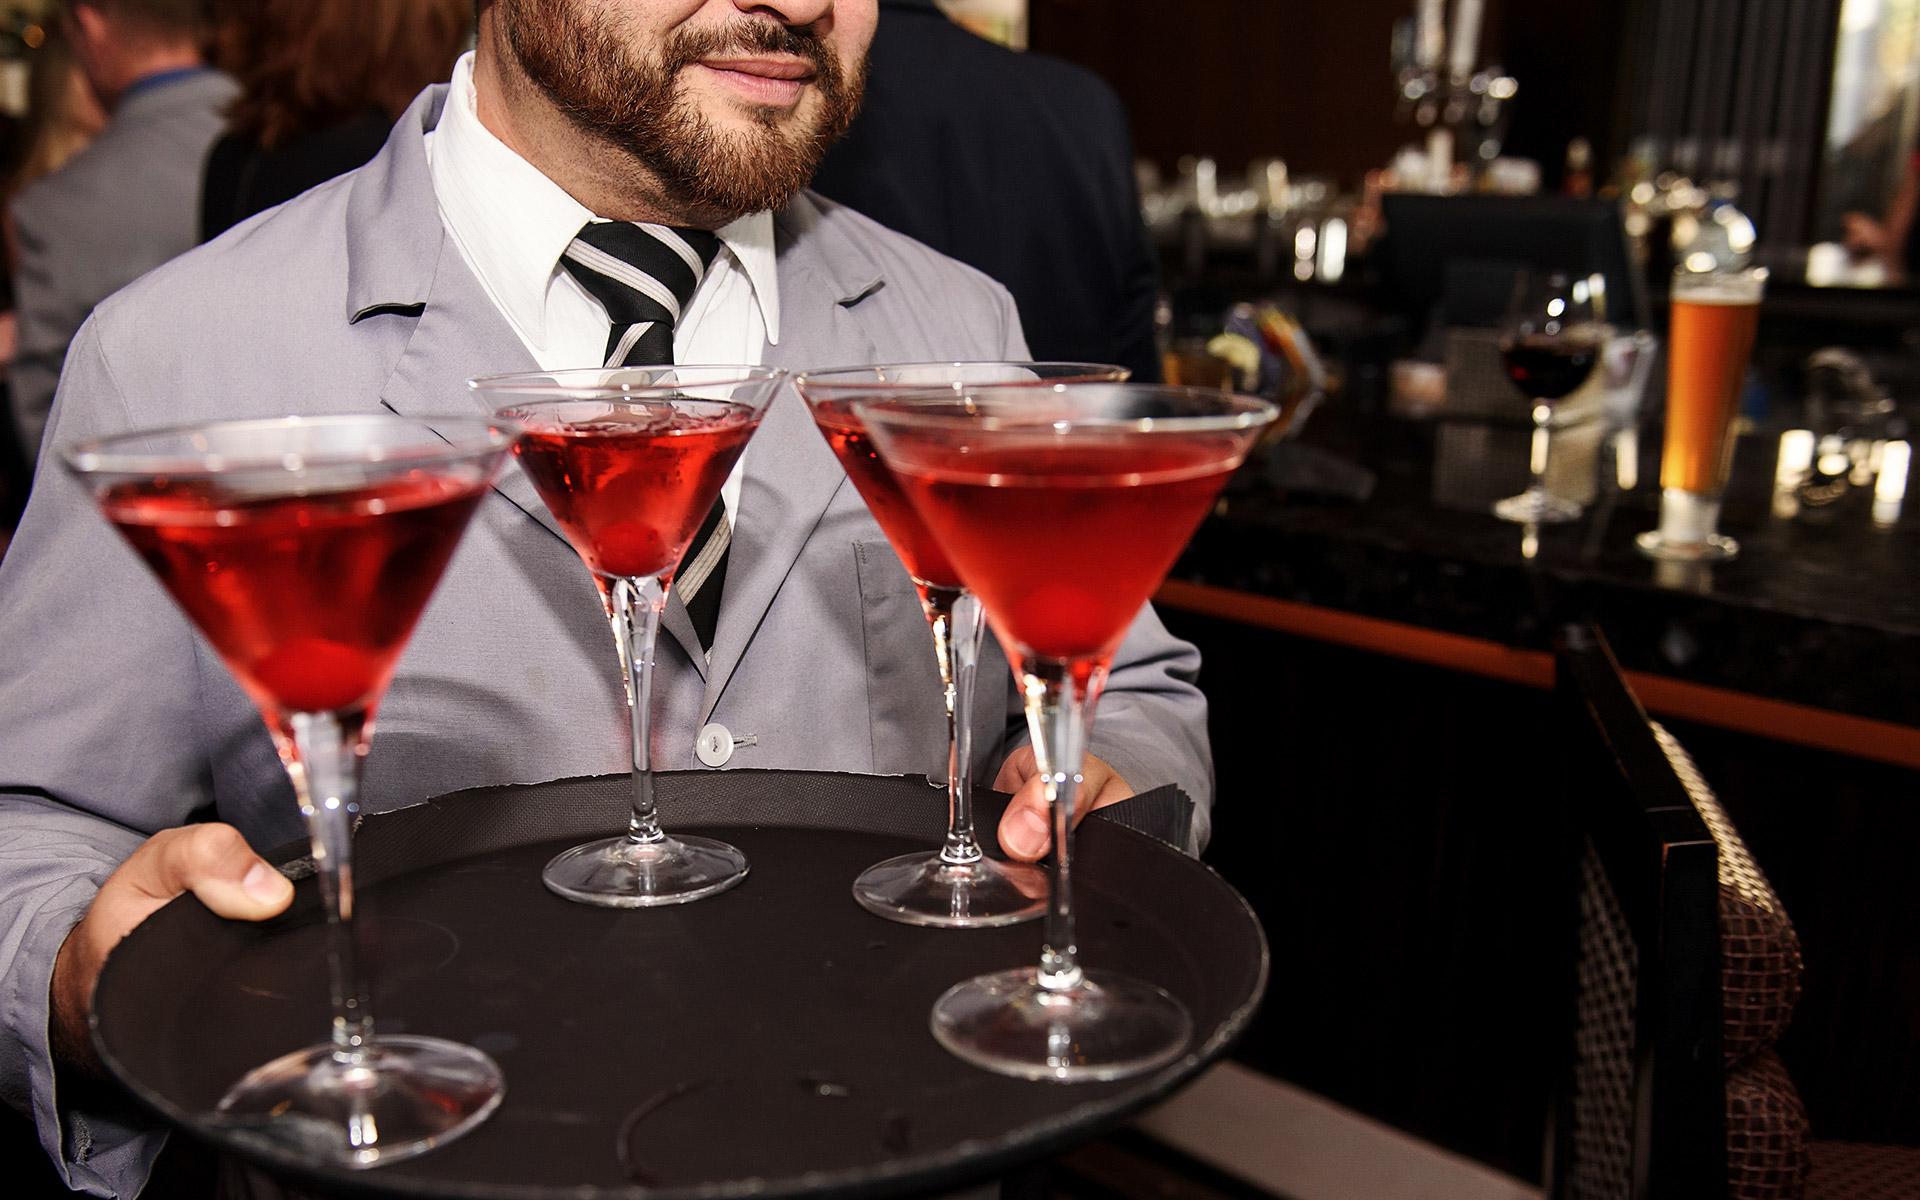 Stilvoller kann man Cocktails kaum servieren: Kellner mit Martini-Gläsern